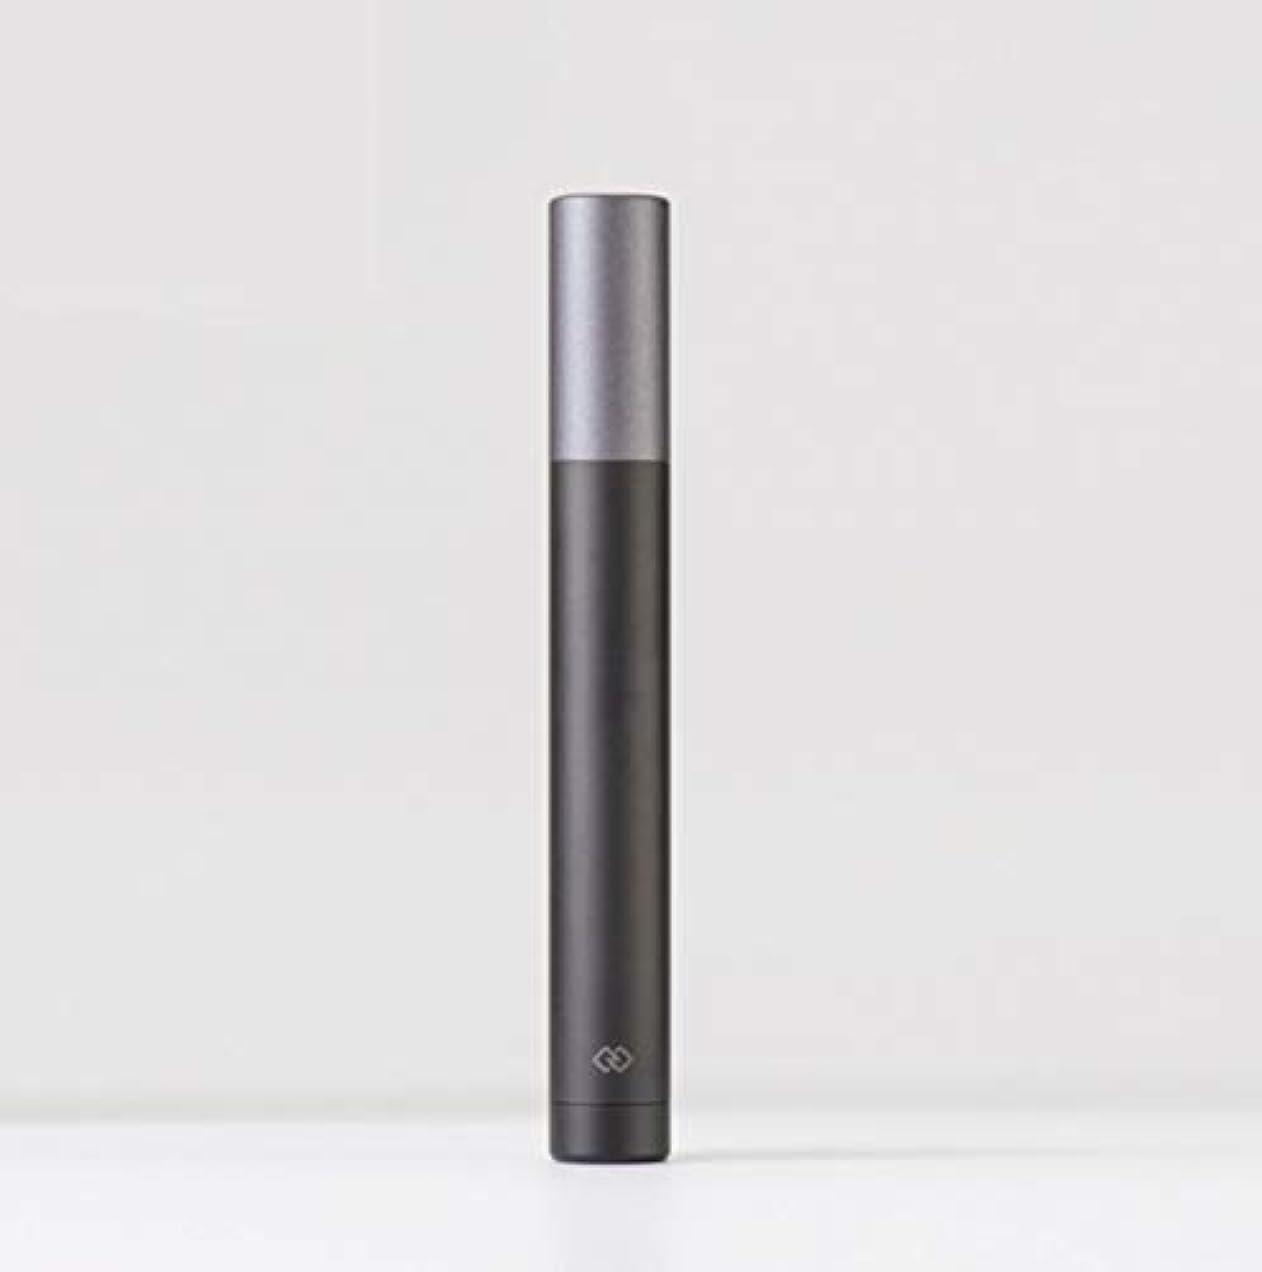 後ご近所本質的ではないTERABOX エチケットカッター 鼻毛カッター 鼻毛抜く 鼻毛処理 鼻毛はさみ 携帯便利 極小サイズ 防水 男女適用する